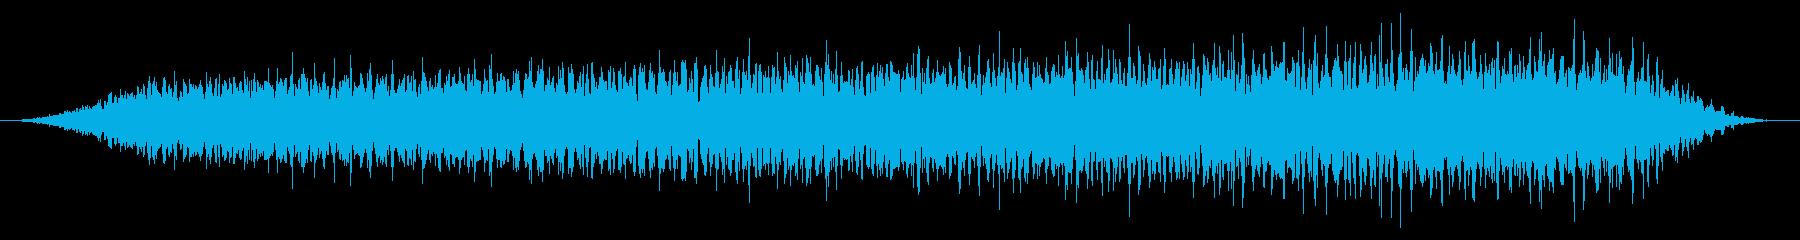 カエル/合唱/田んぼ(40秒Ver.)の再生済みの波形